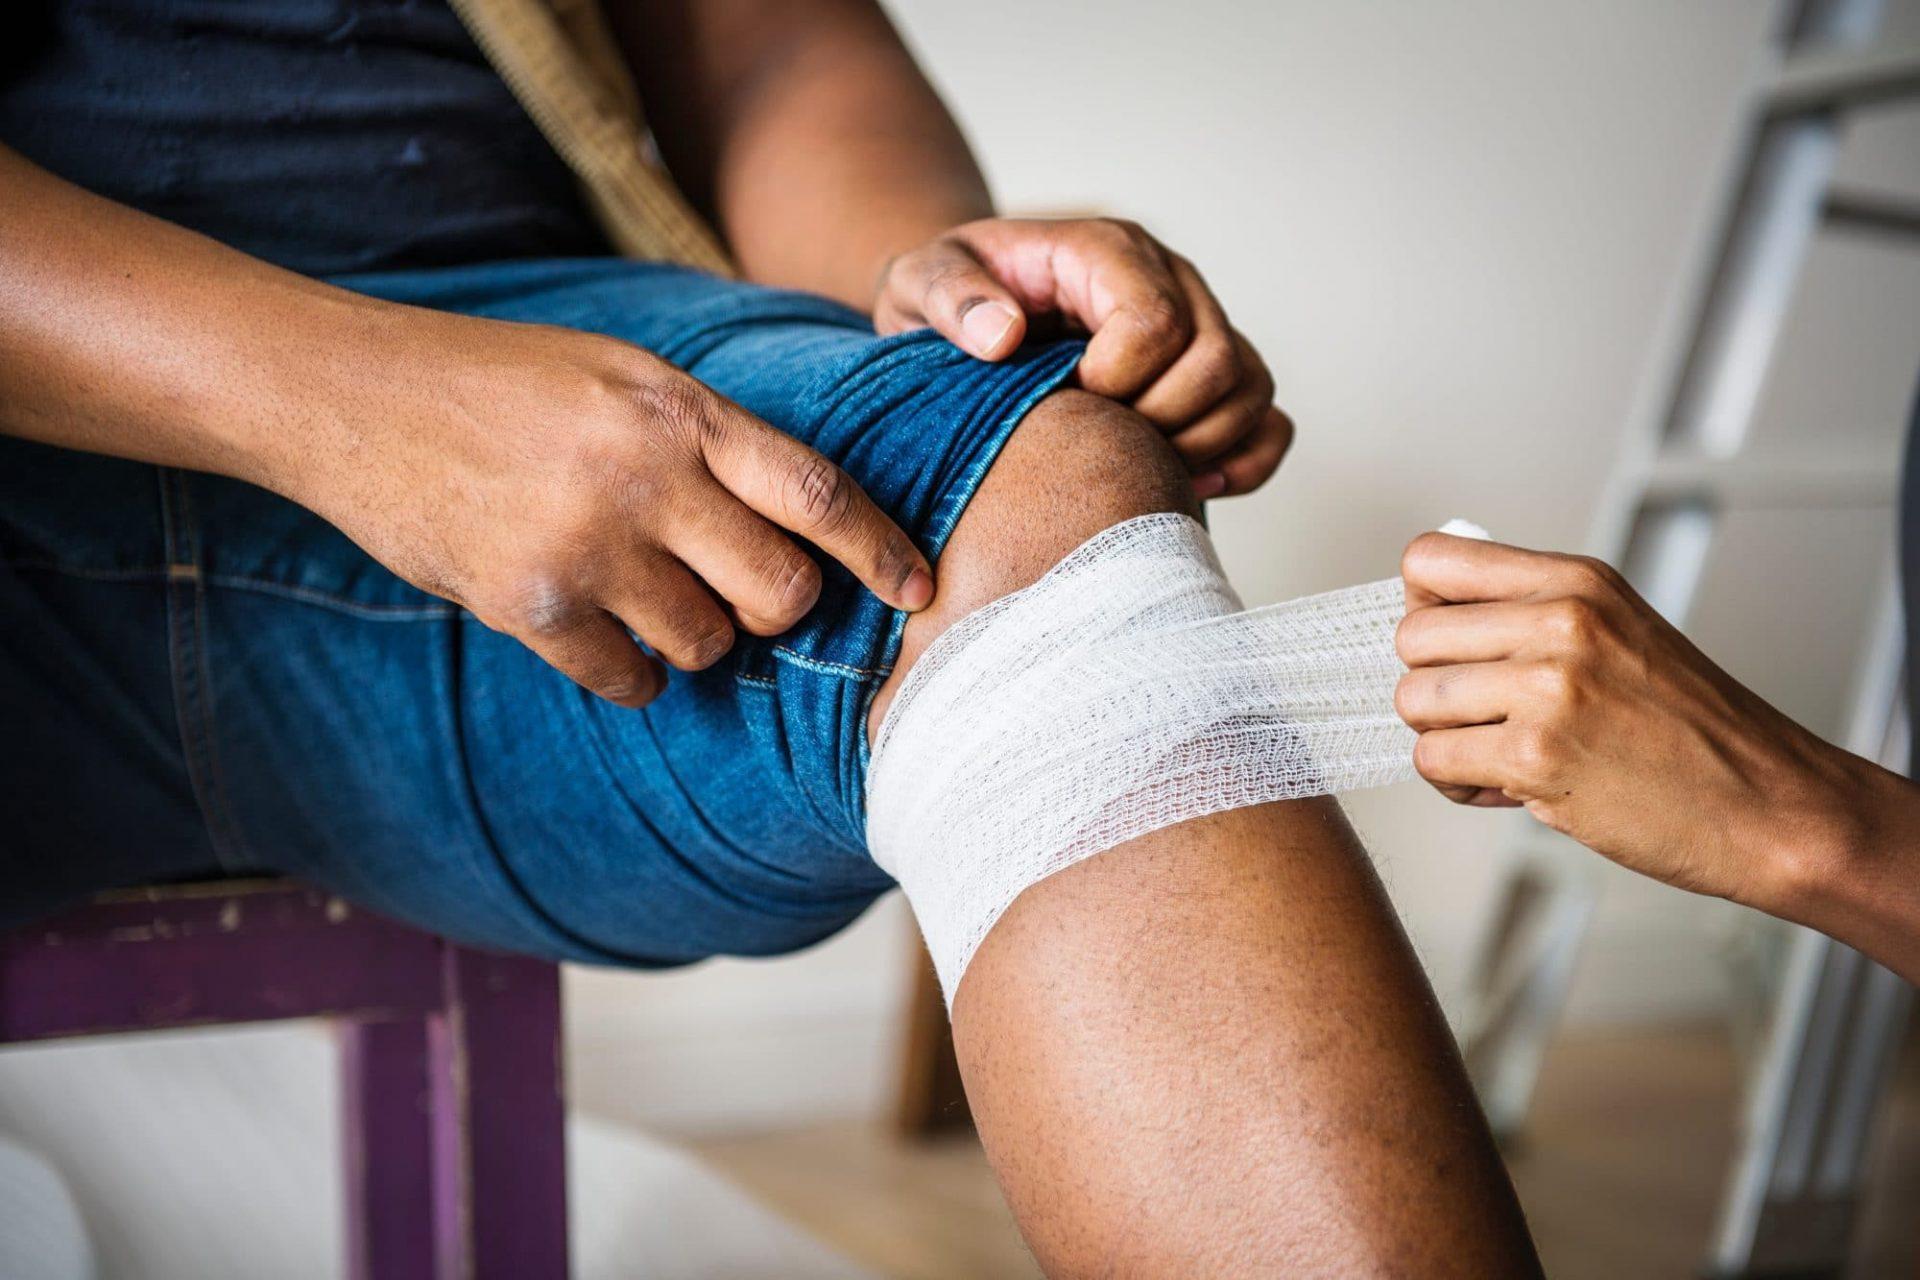 Personne avec une jambe blessé